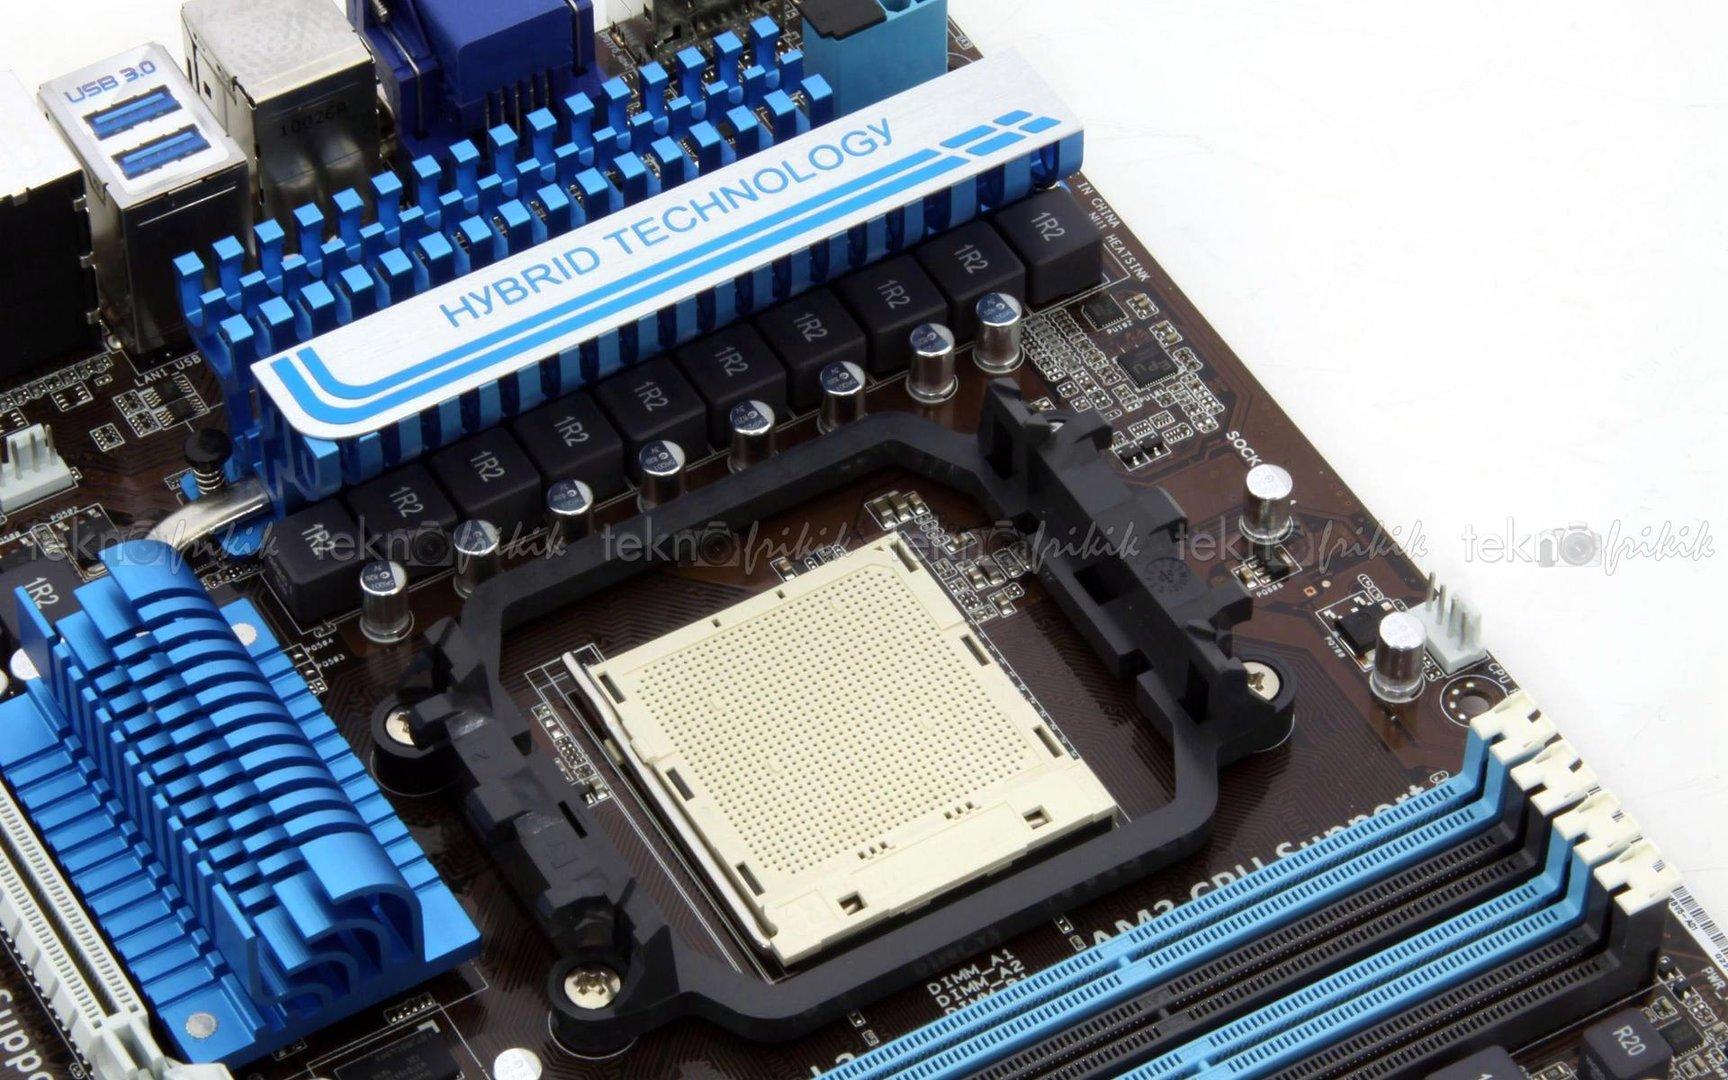 Asus M4A89GTD Pro/USB3